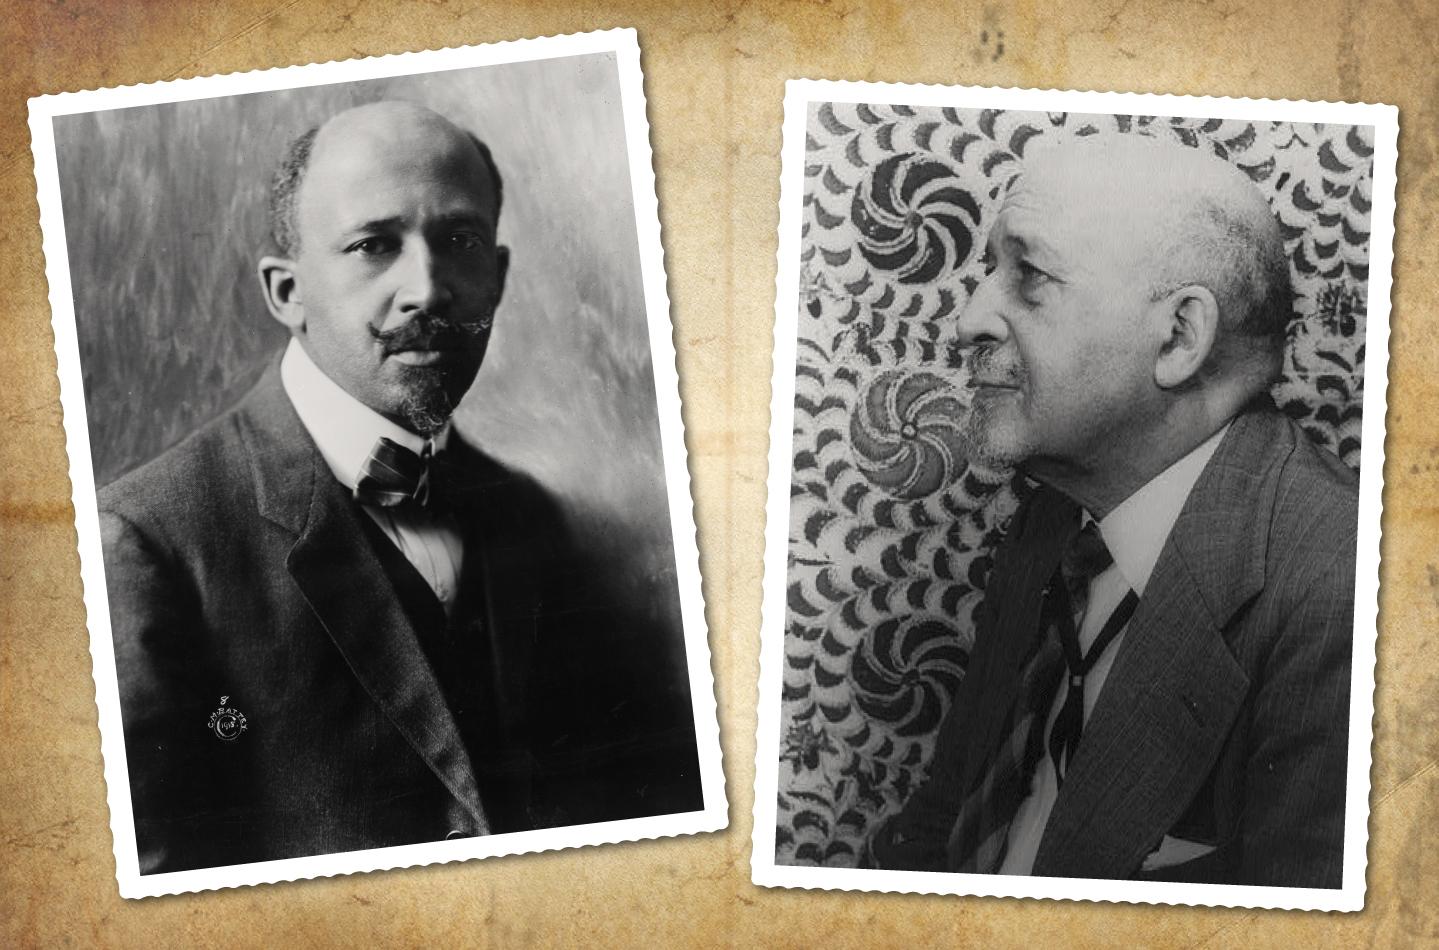 W. E. B. Du Bois em 1918 e 1946: coleção de ensaios, 'As almas do povo negro' ('The souls of black folk') é obra seminal na literatura americana e na sociologia  (Fotos: Cornelius M. Battey e Coleção Carl Van Vechten da Biblioteca do Congresso dos EUA)